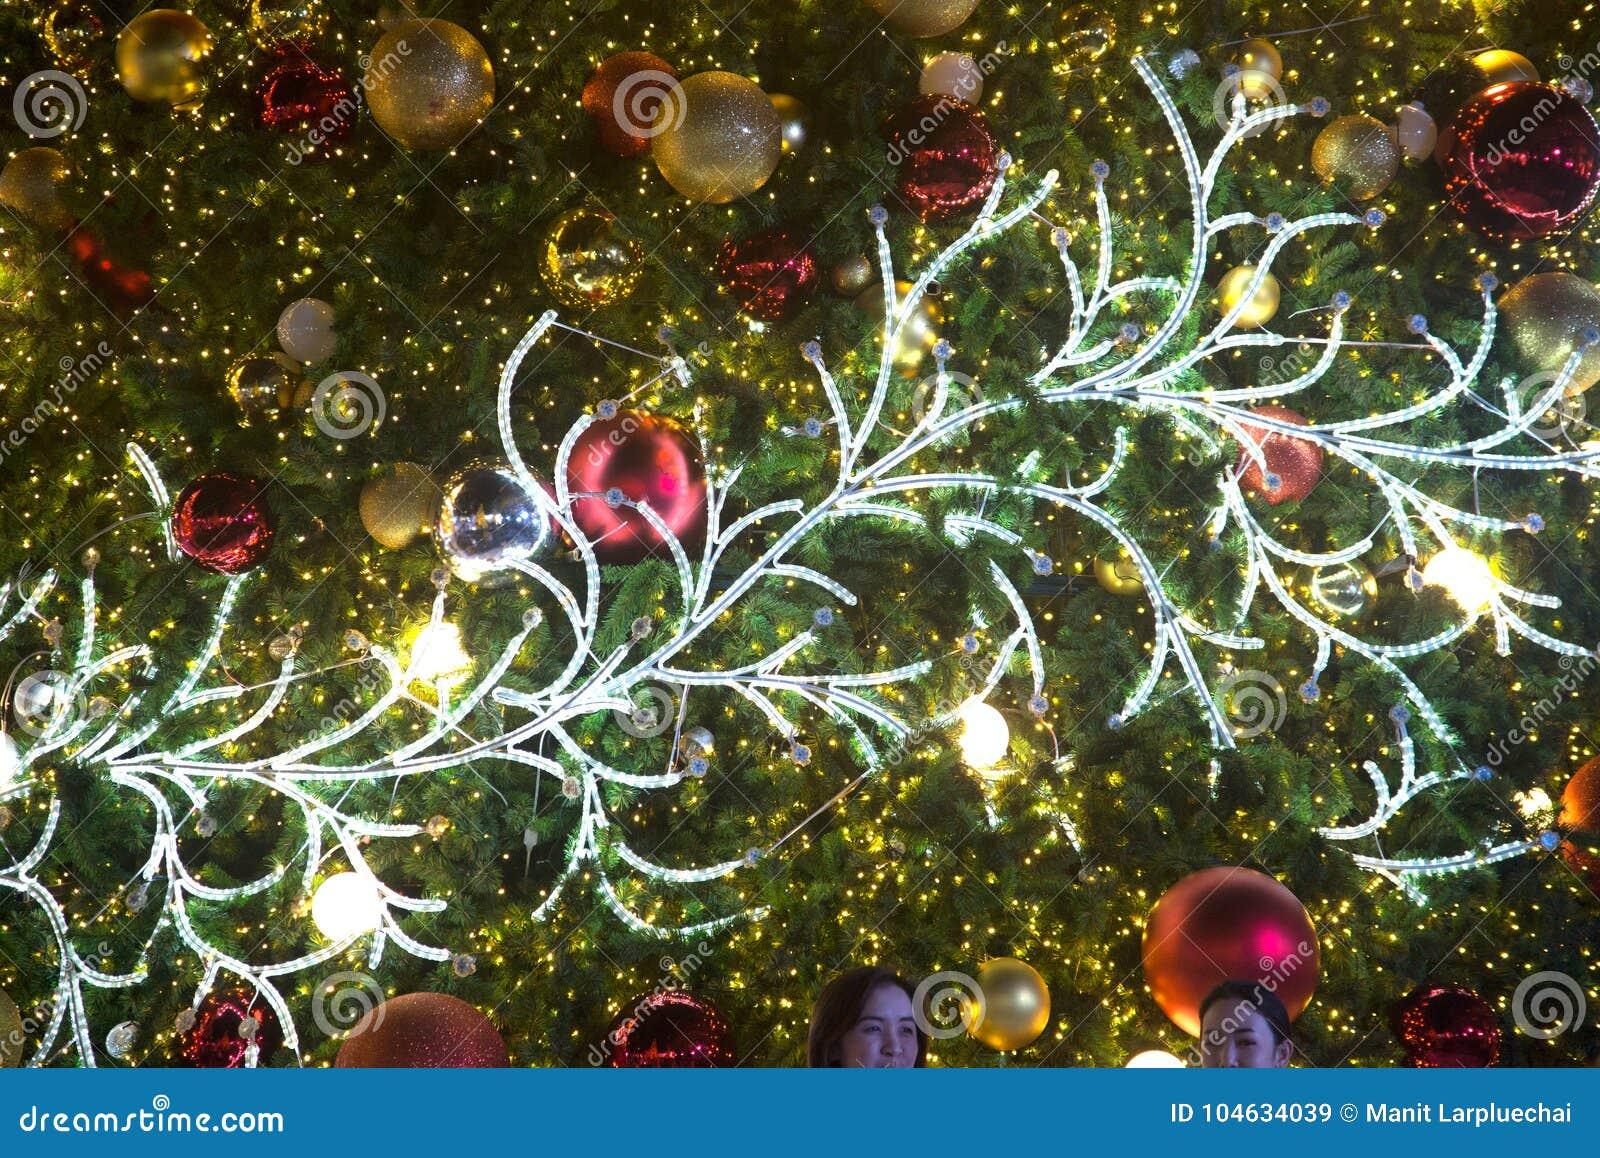 Download De Lichten Worden Verfraaid Door Takken Van Bomendecoratie Bij Kerstboomviering Stock Afbeelding - Afbeelding bestaande uit takken, fairy: 104634039